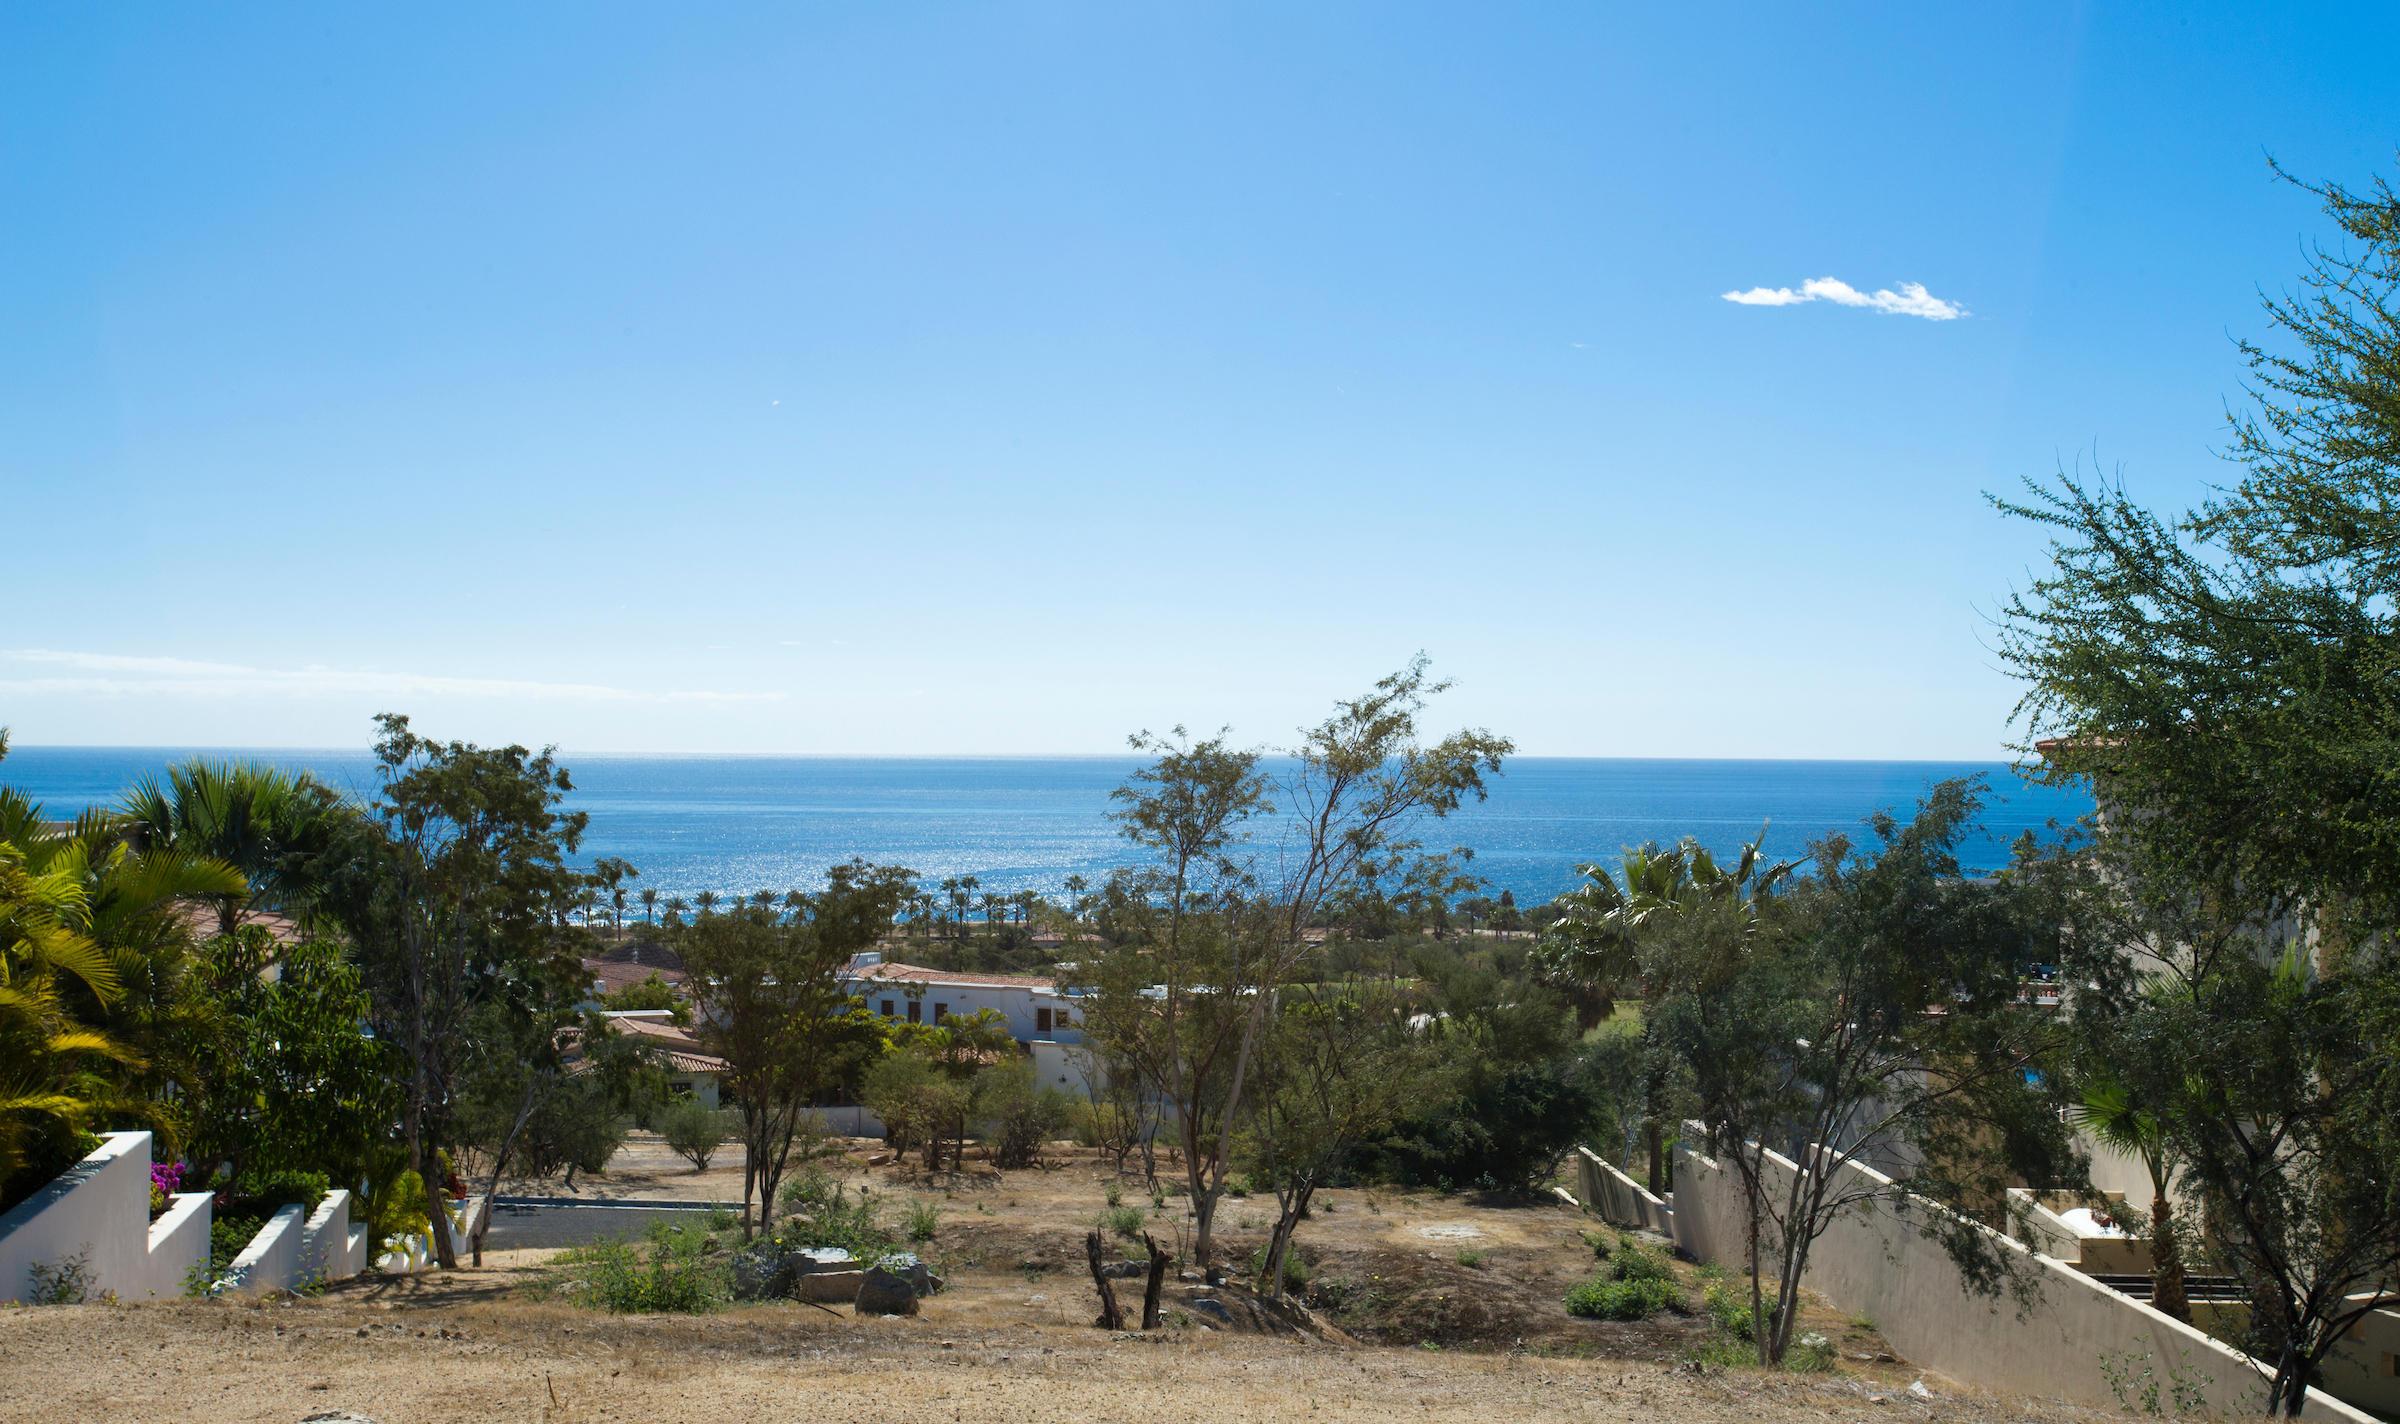 Lot 19 Cabo del Sol-1